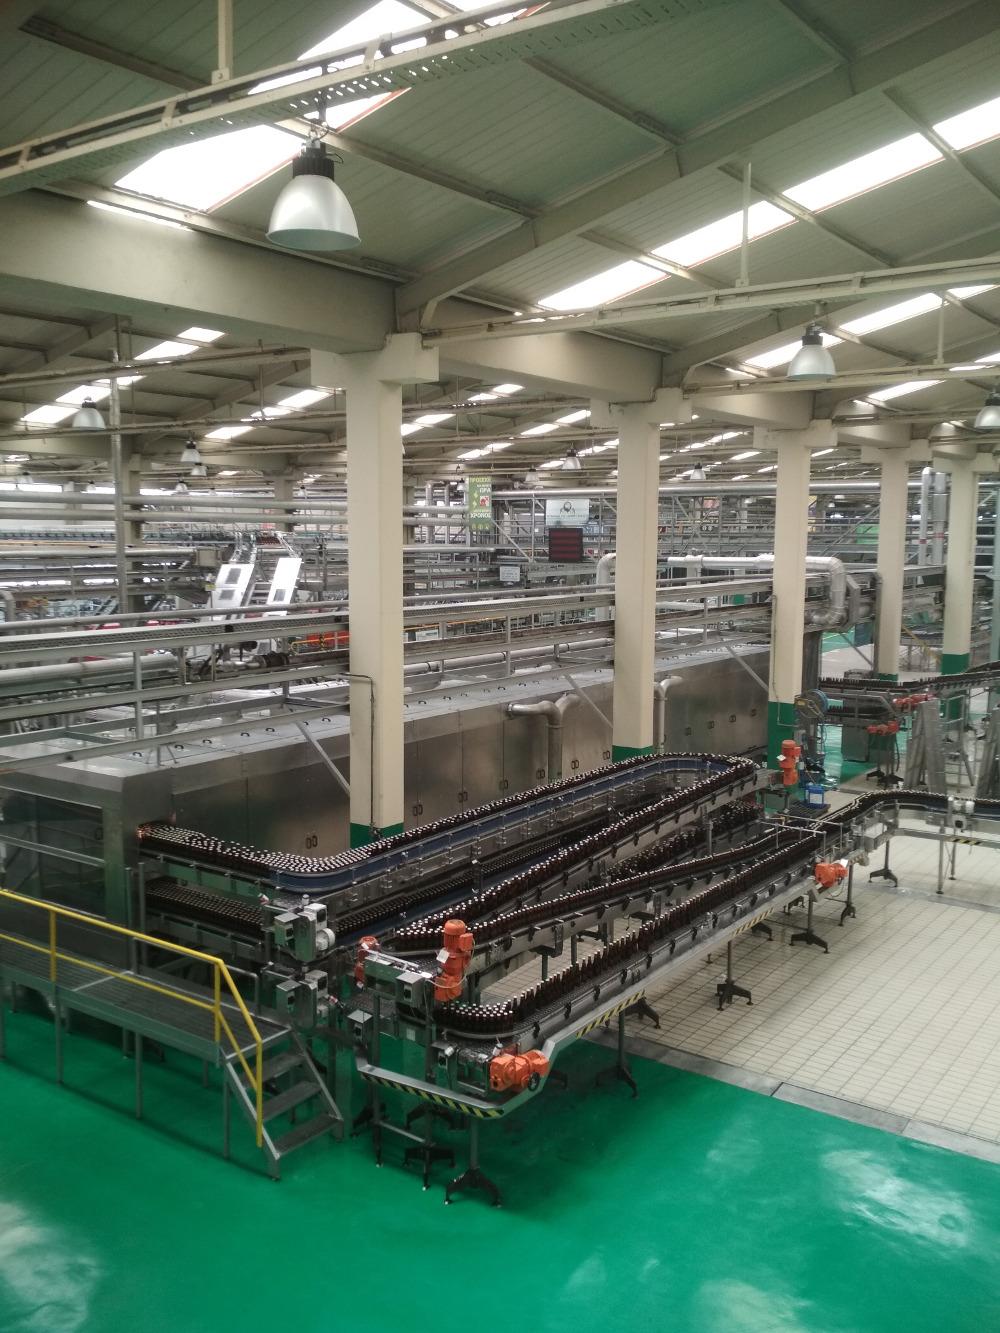 Στόχος της Αθηναϊκής Ζυθοποιίας για το 2019 είναι η παραγωγή 3 εκατομμυρίων λίτρων μηλίτη